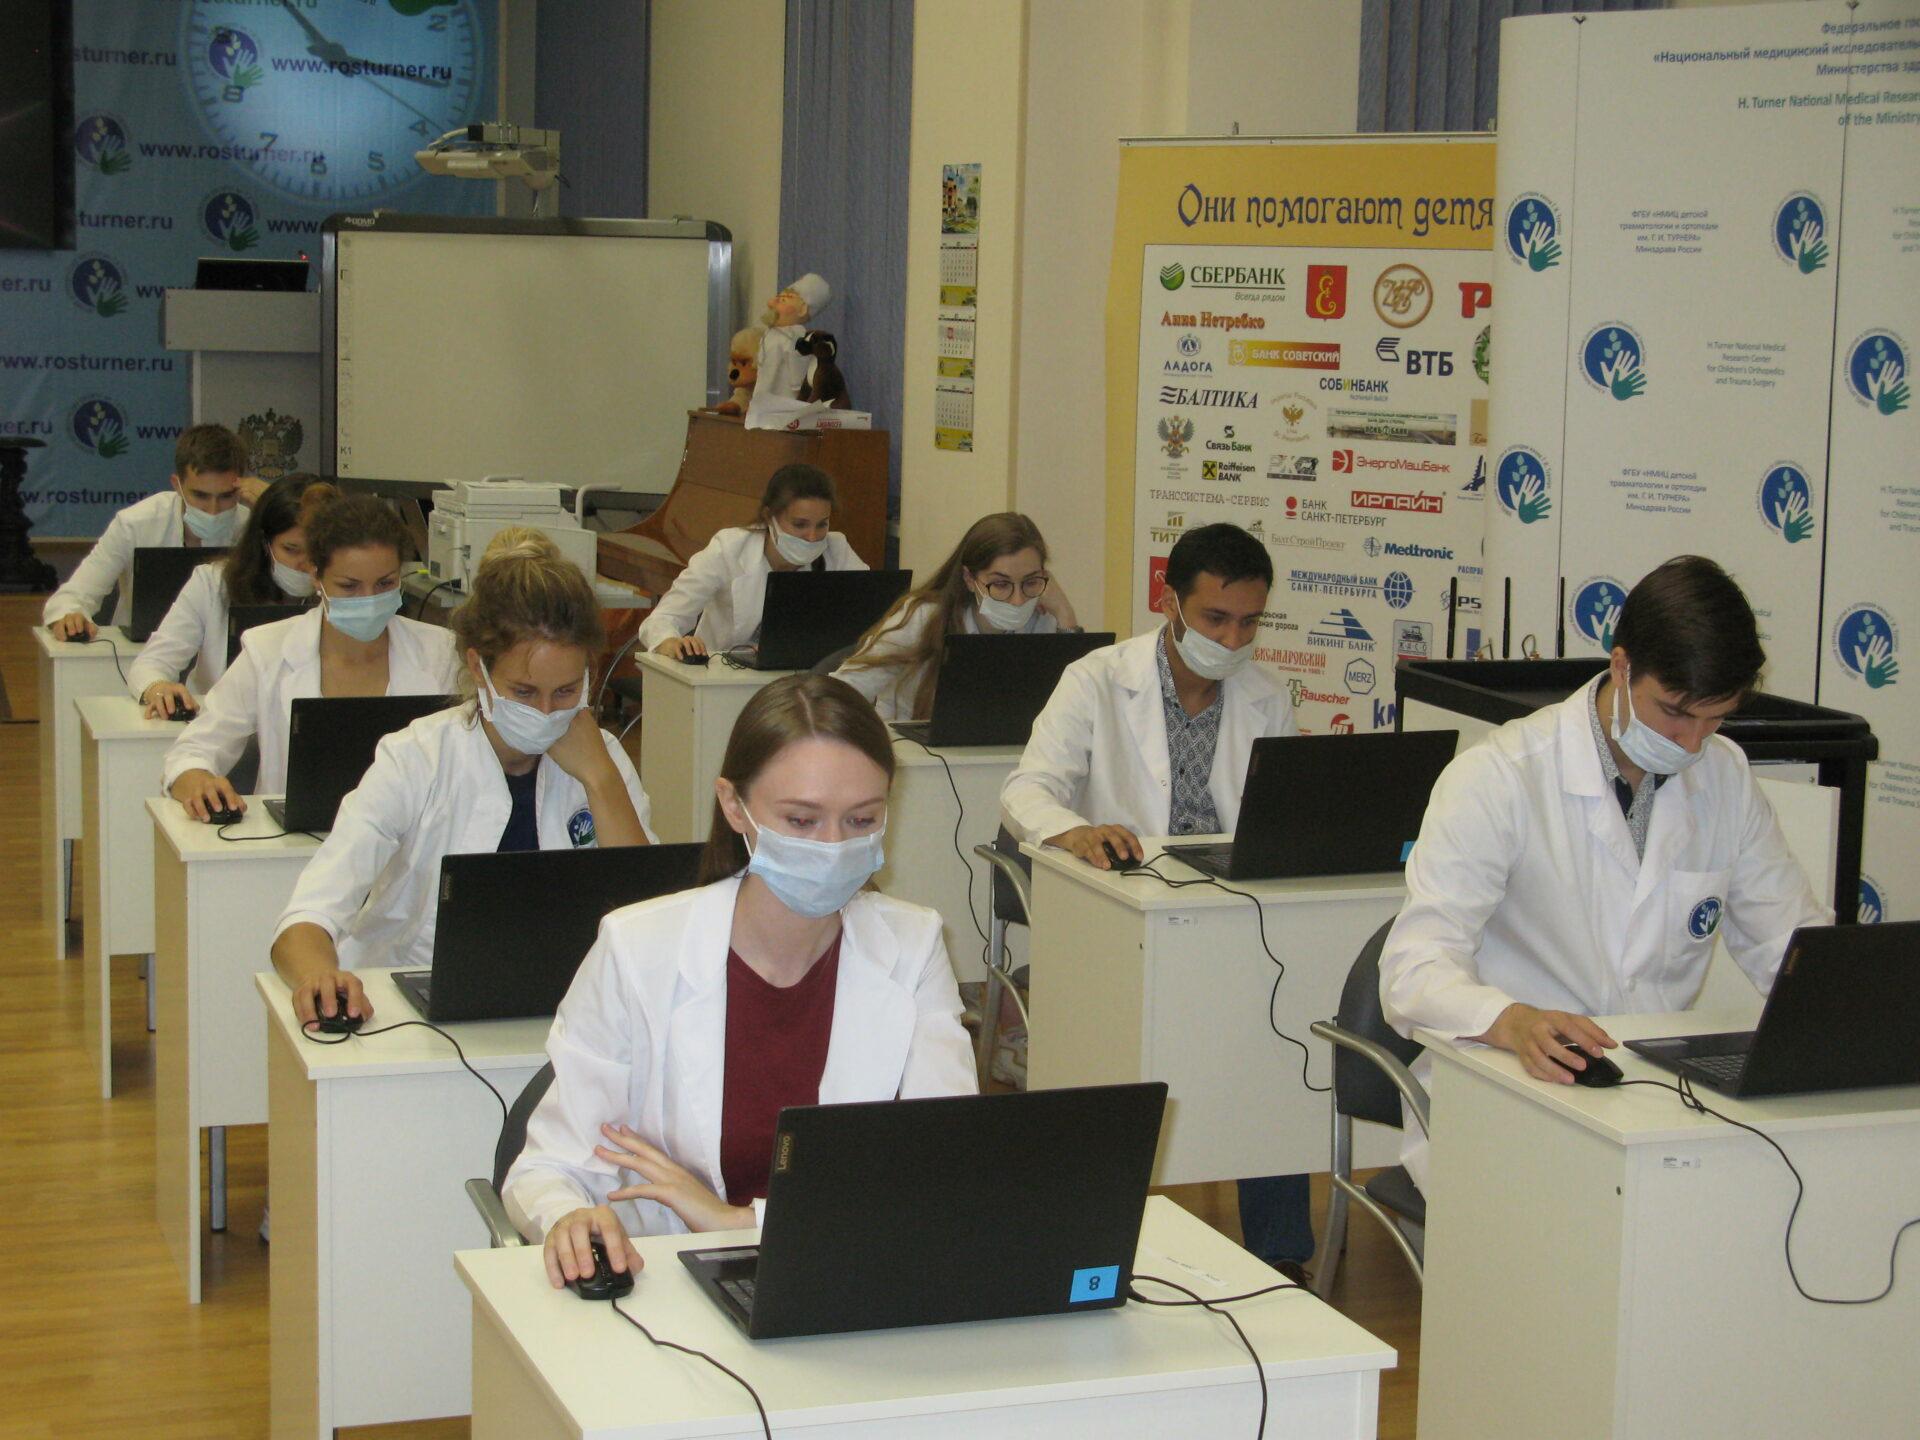 ординаторы выпускники НМИЦ им. Г. И. Турнера 2021